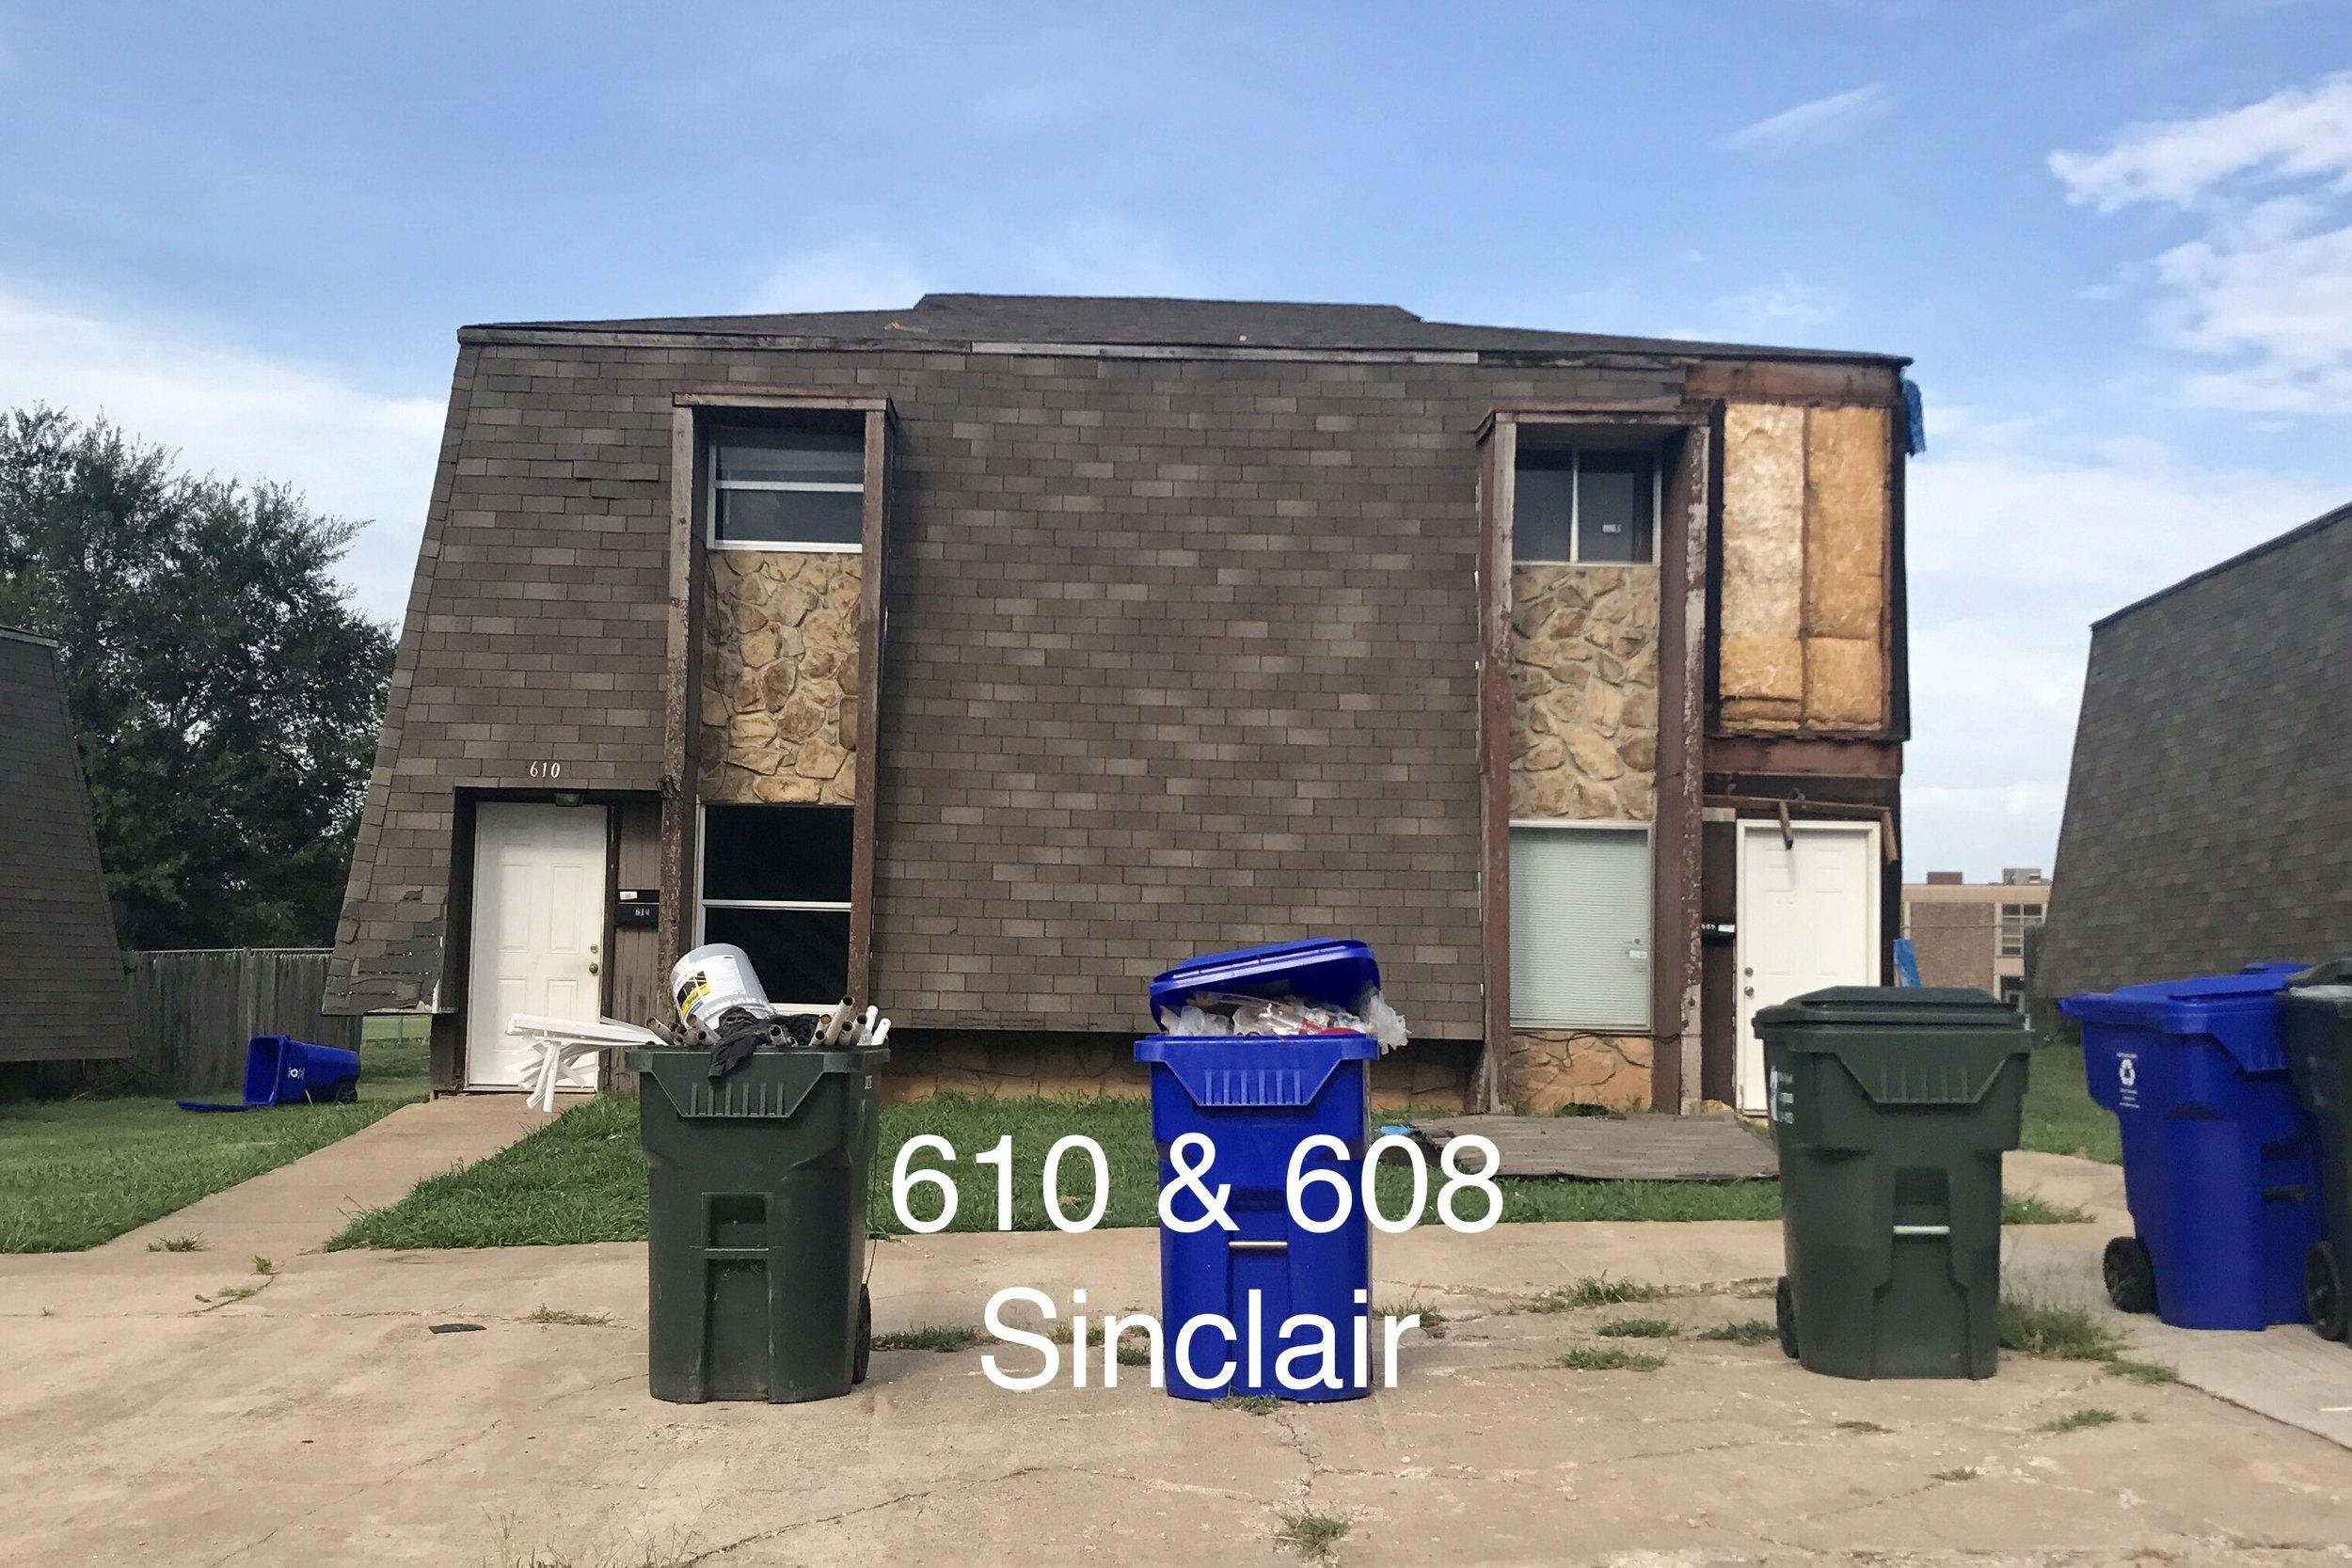 610 & 608 Sinclair.jpg